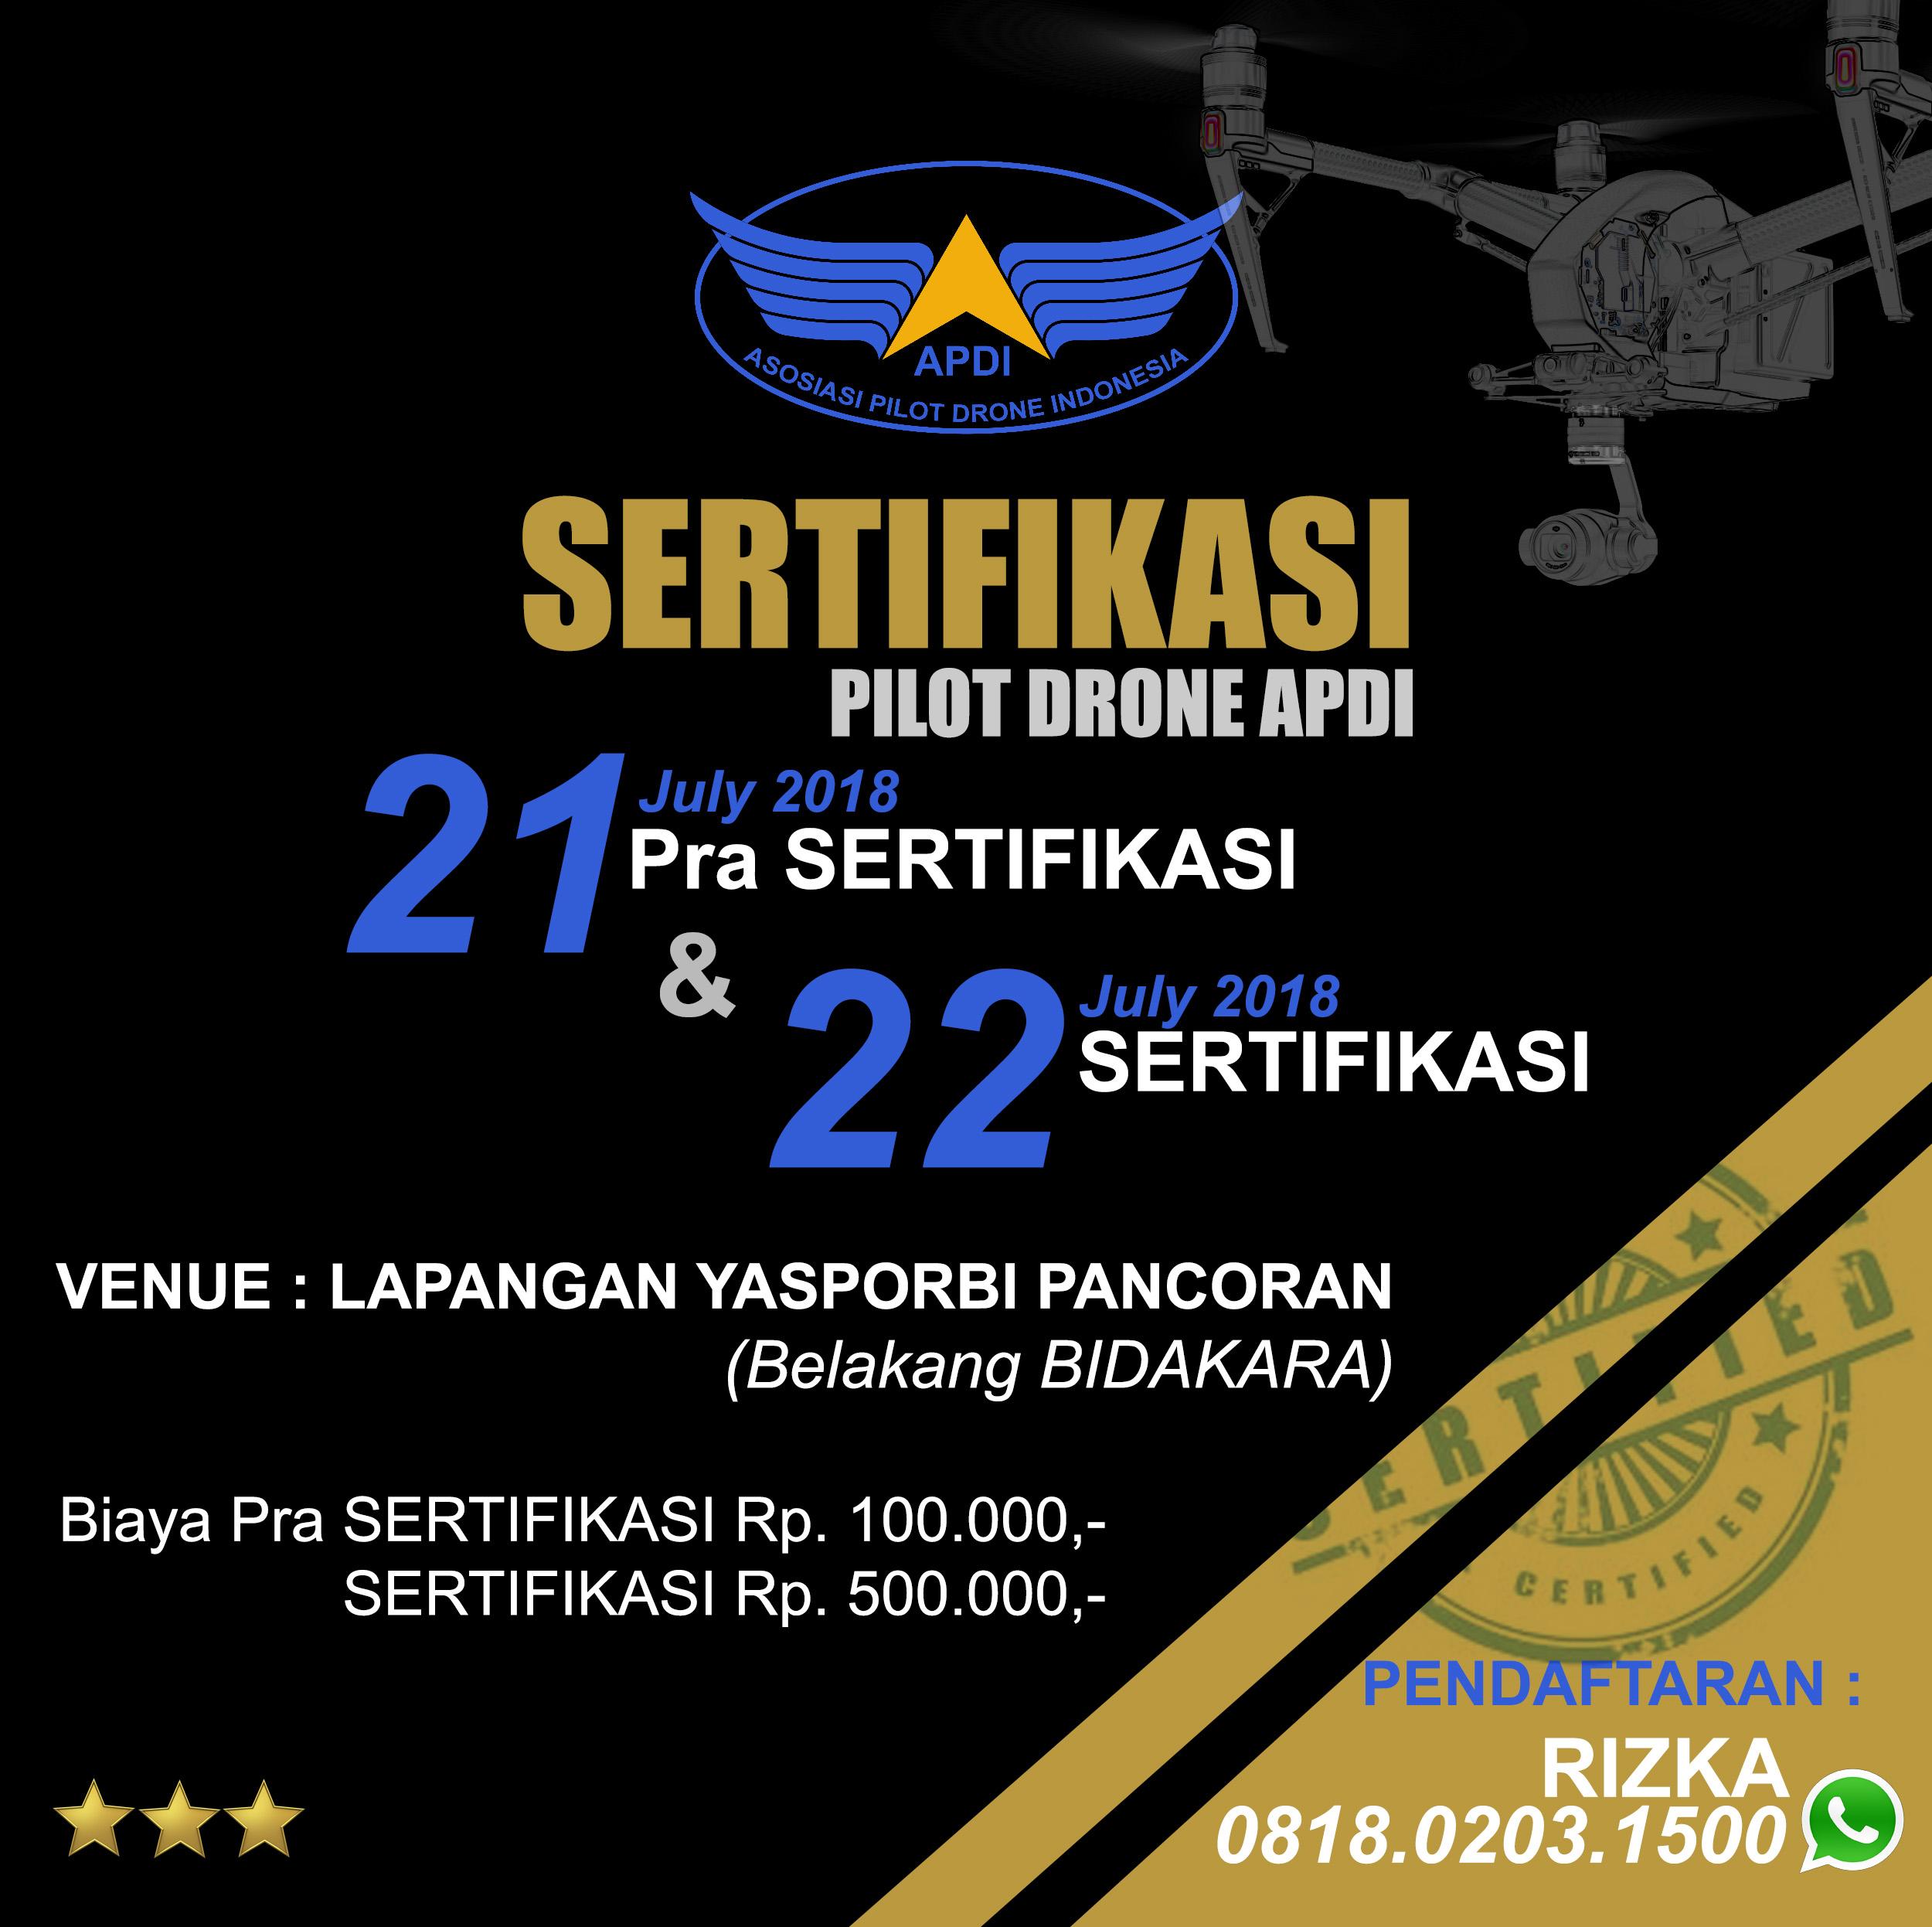 JADWAL SERTIFIKASI PILOT DRONE